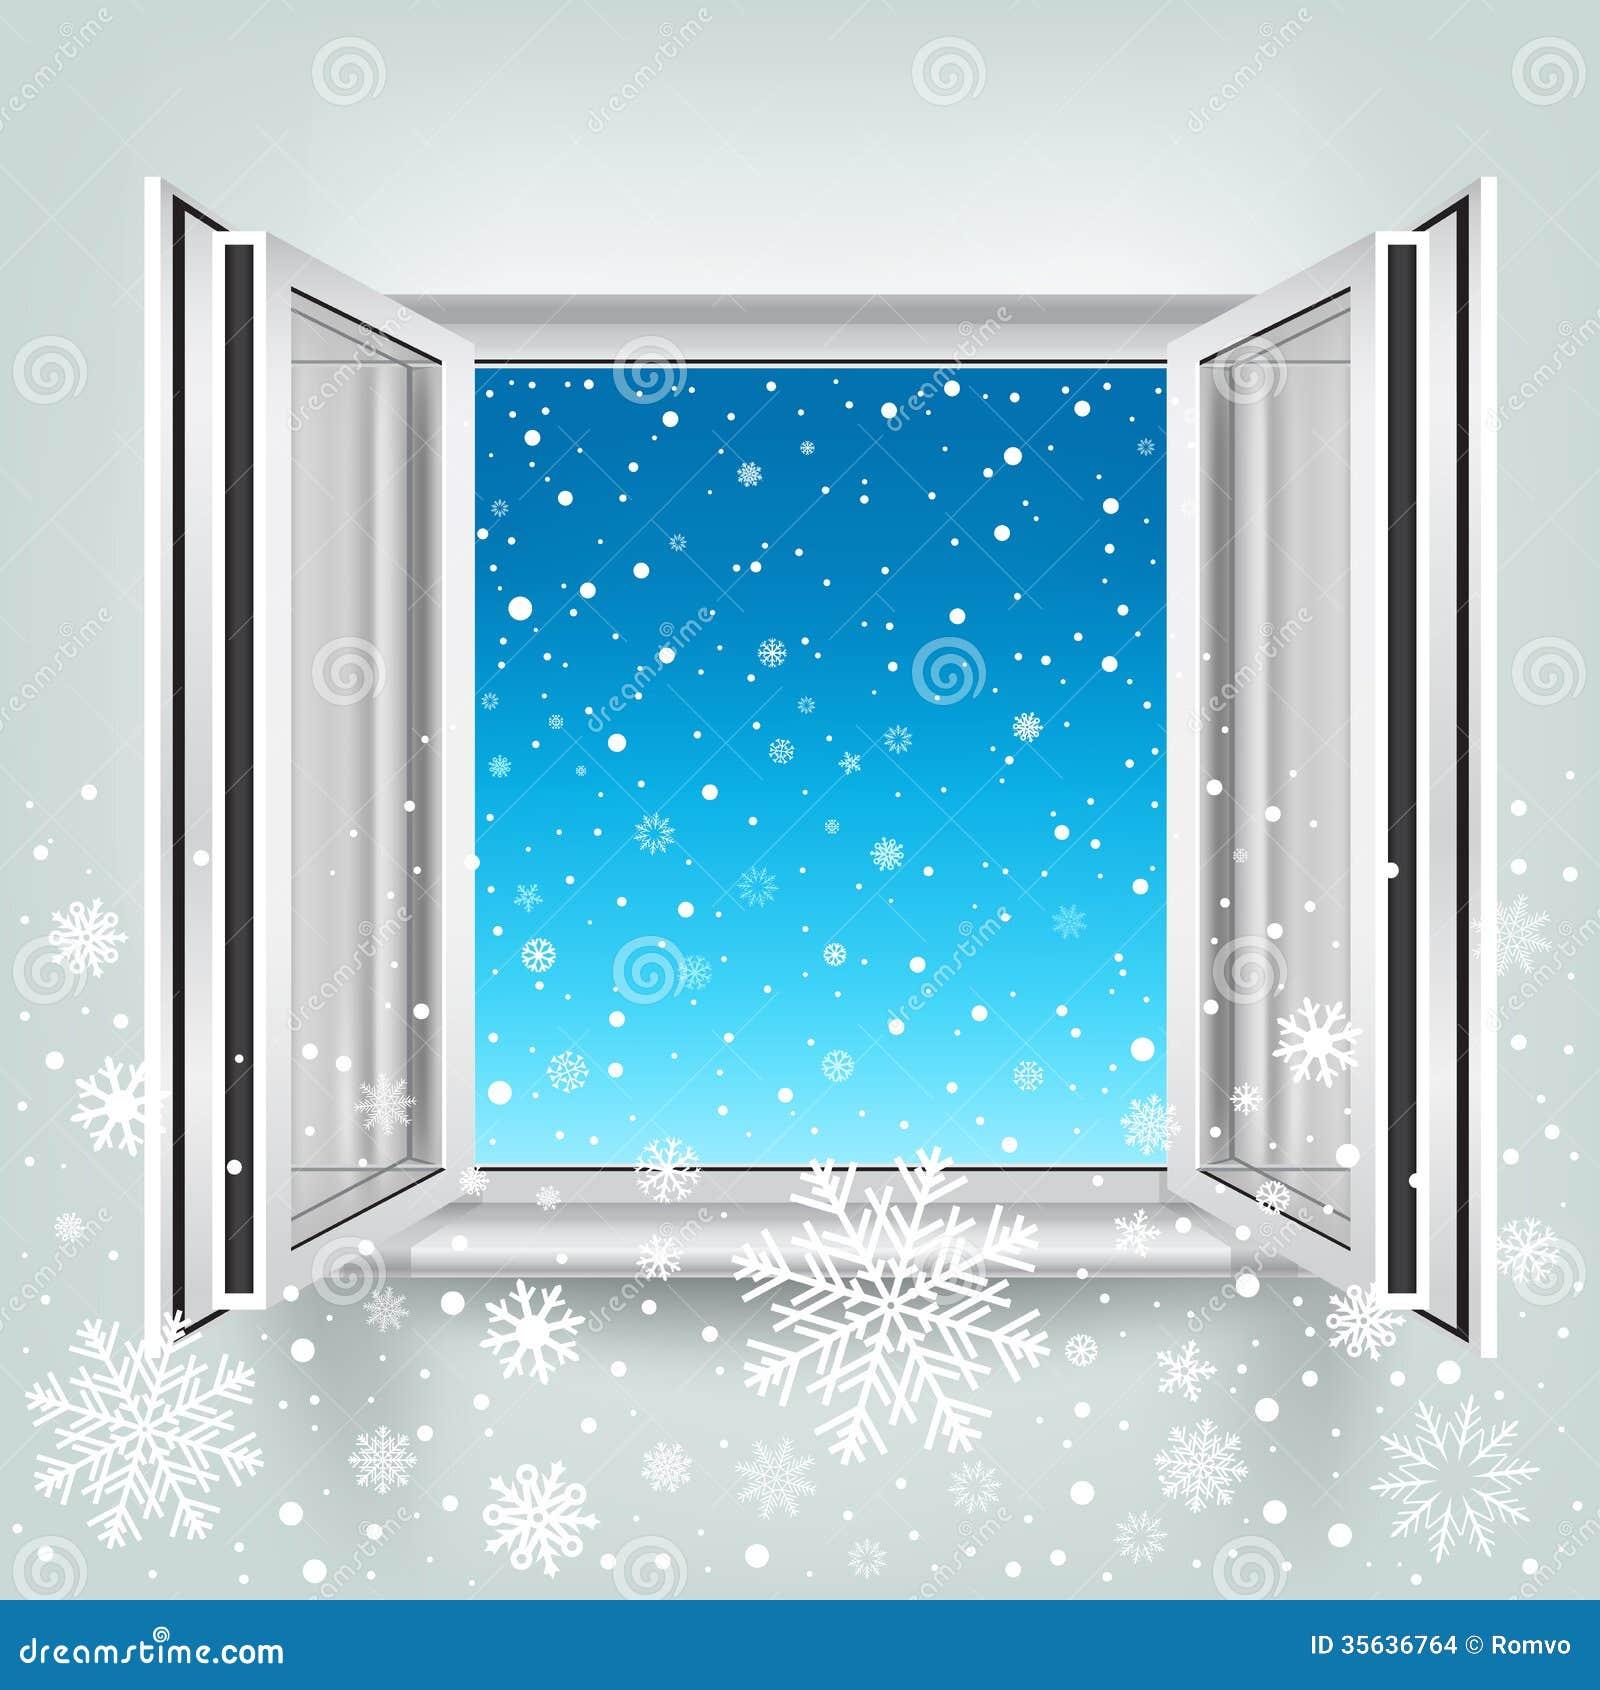 Offenes fenster  Offenes Fenster Und Fallender Schnee Stockbilder - Bild: 35636764